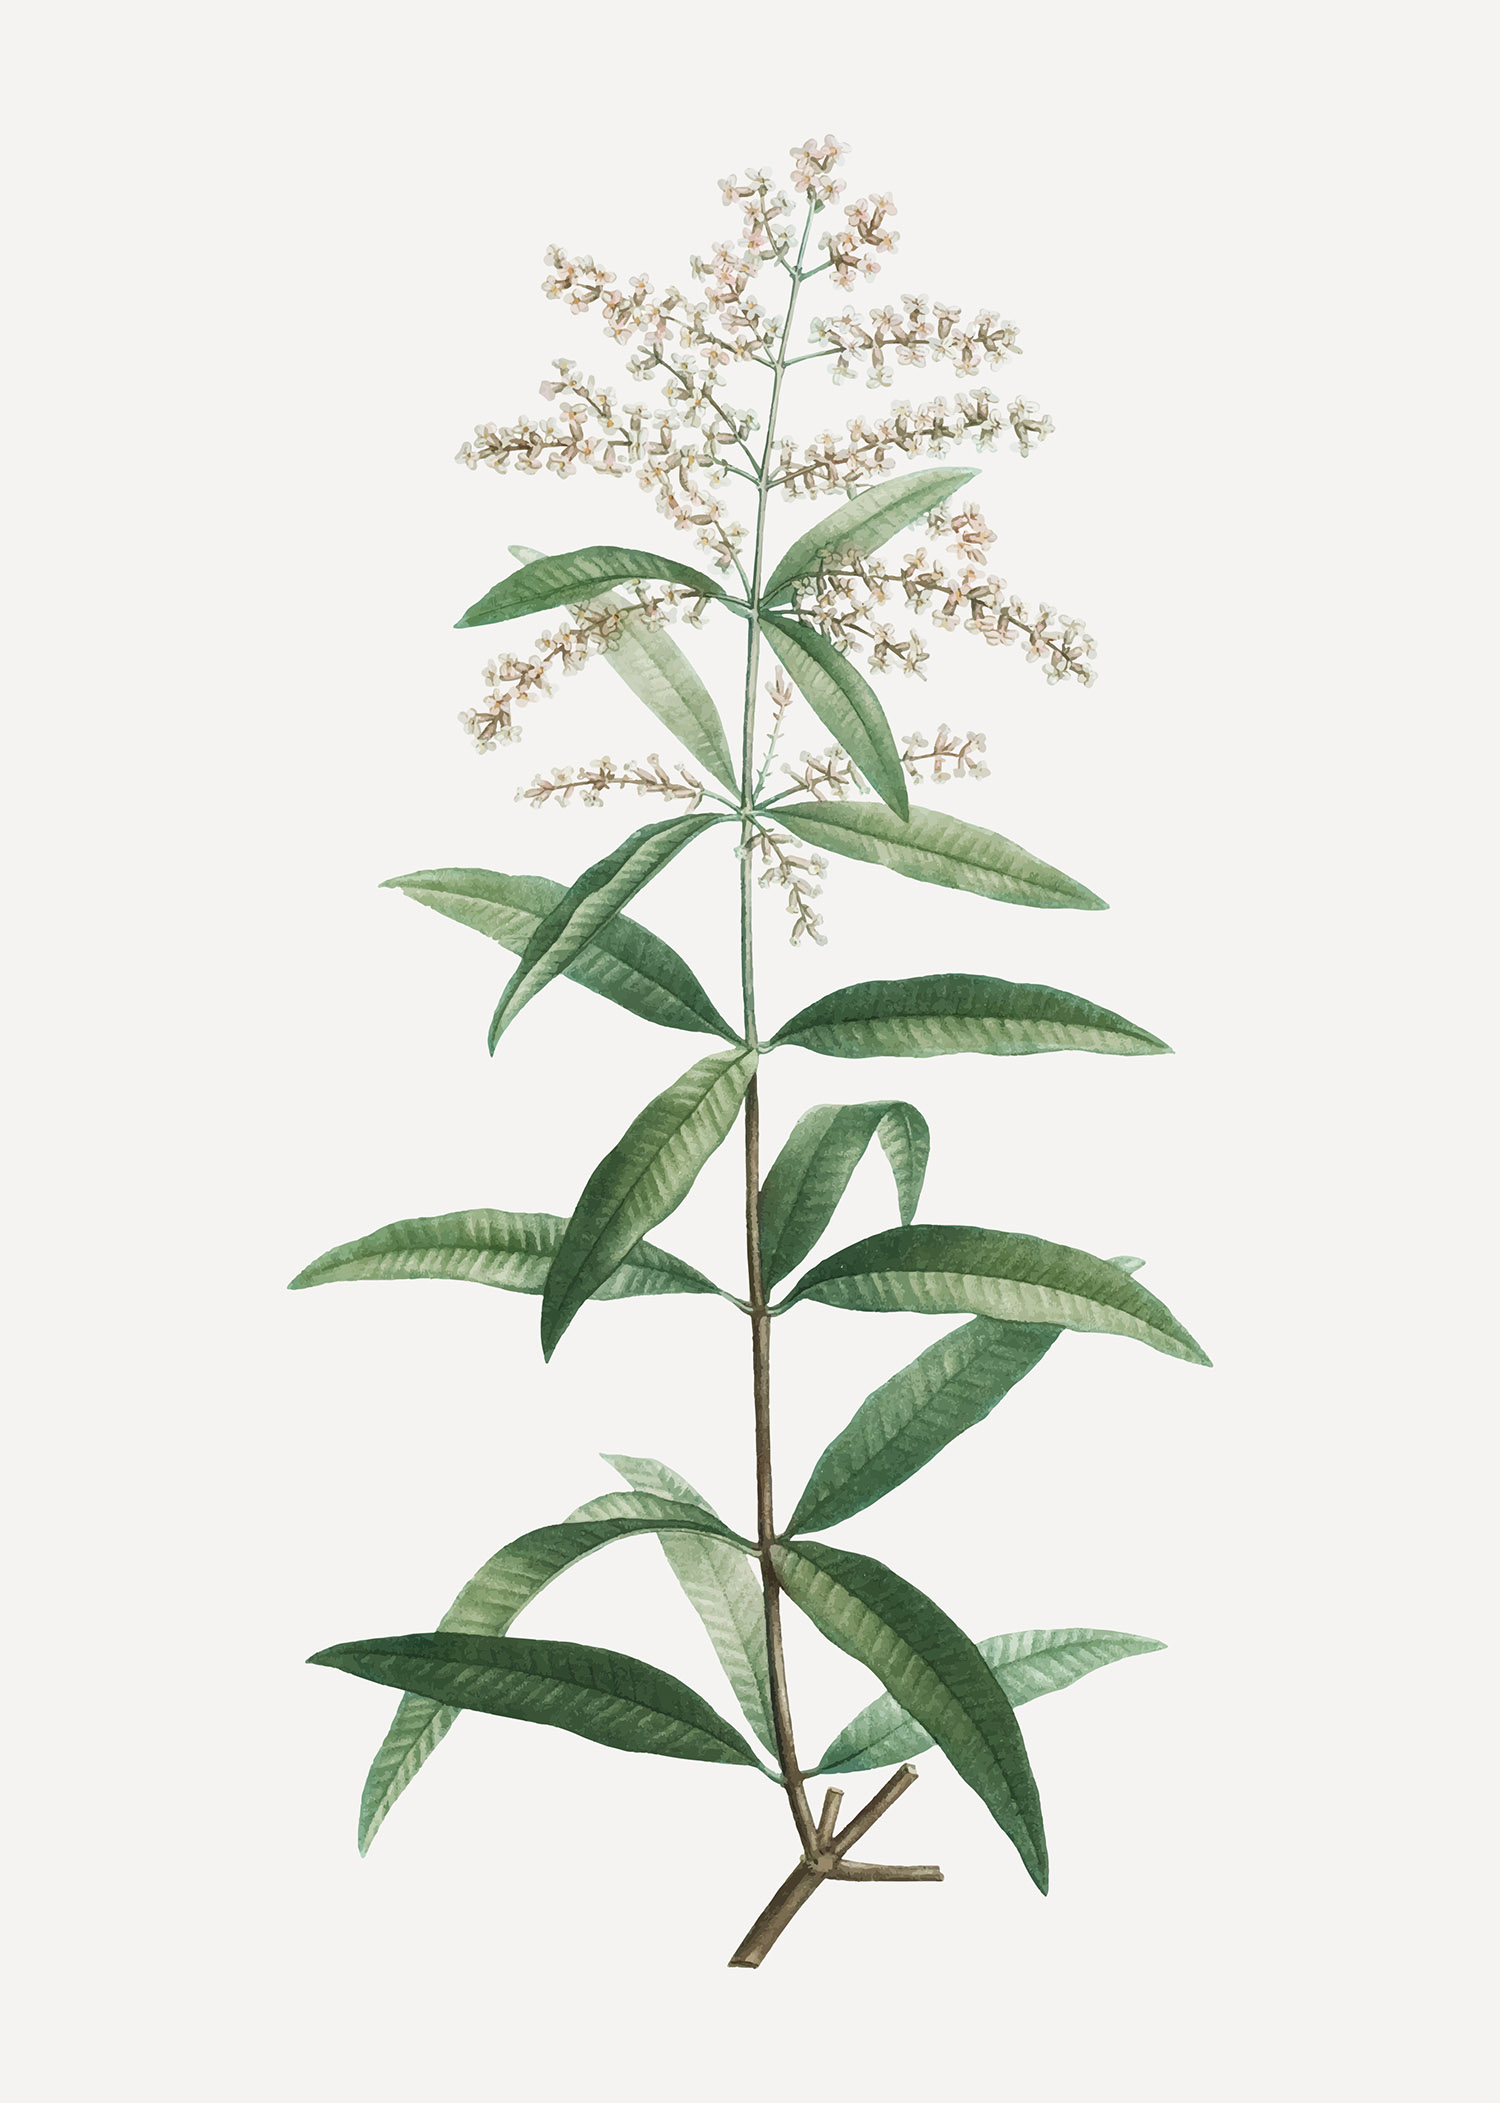 Lemon Verbena plant.